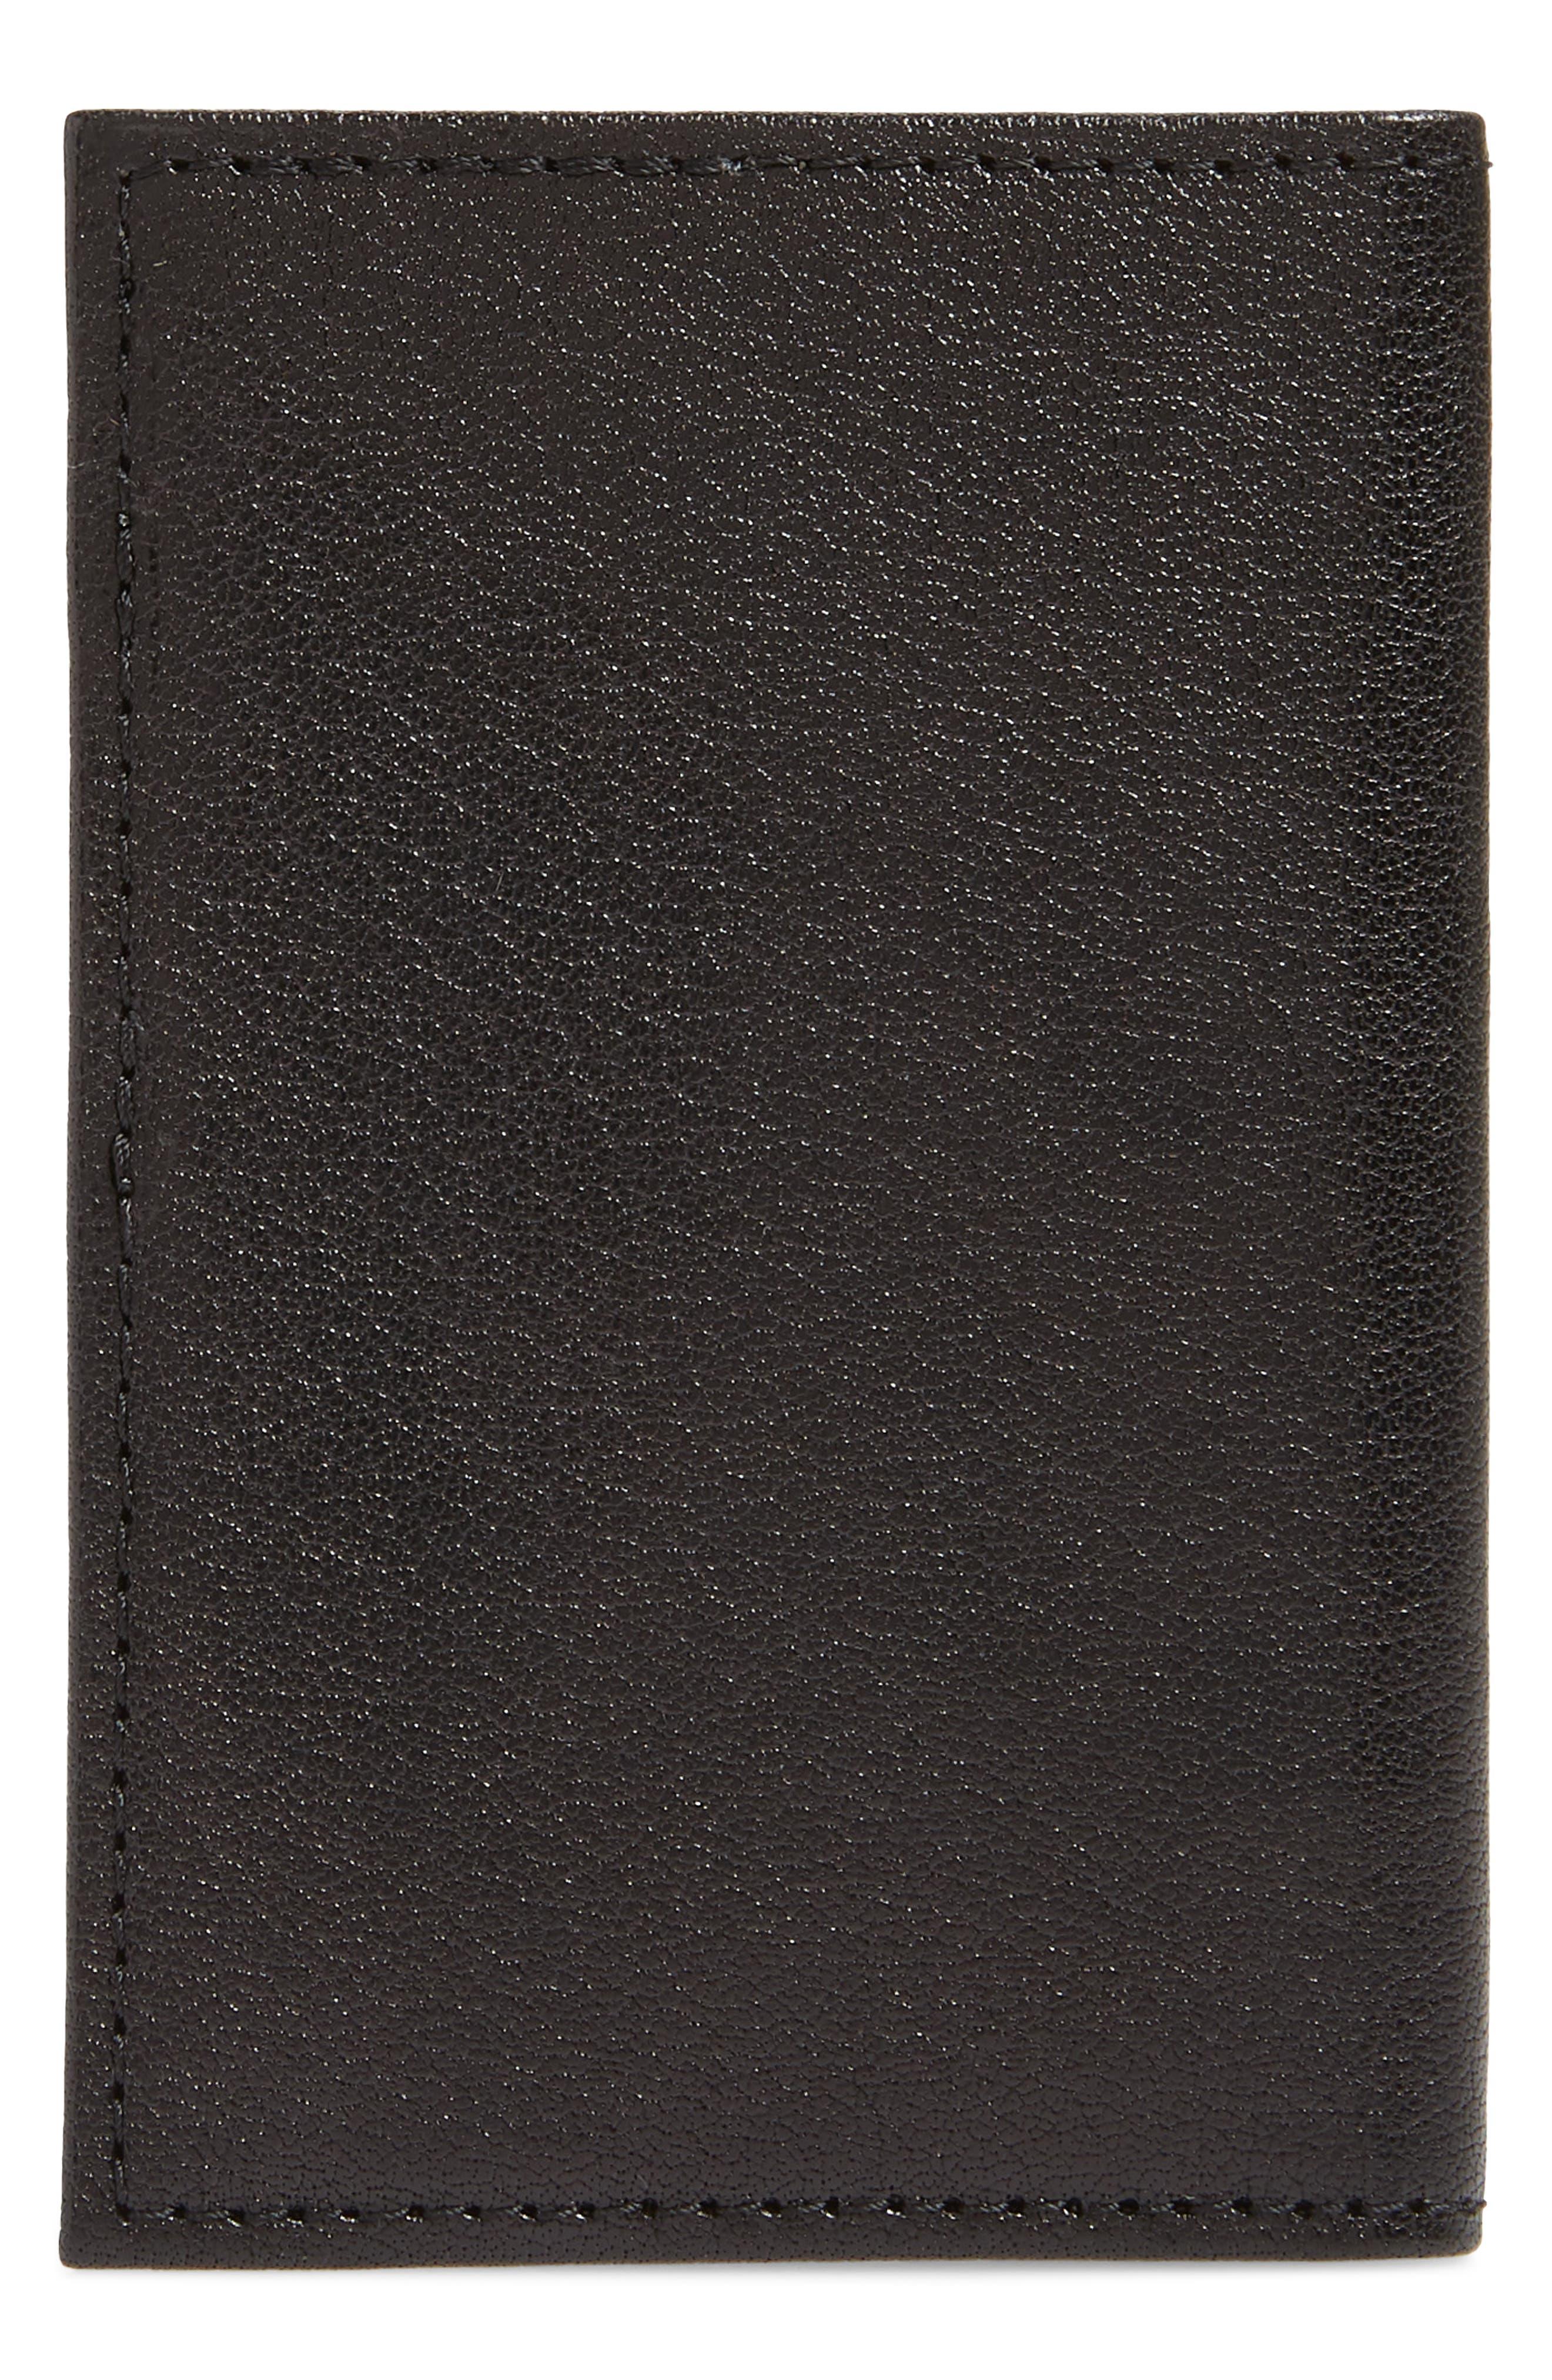 Landon Leather Flip Card Case,                             Alternate thumbnail 3, color,                             001